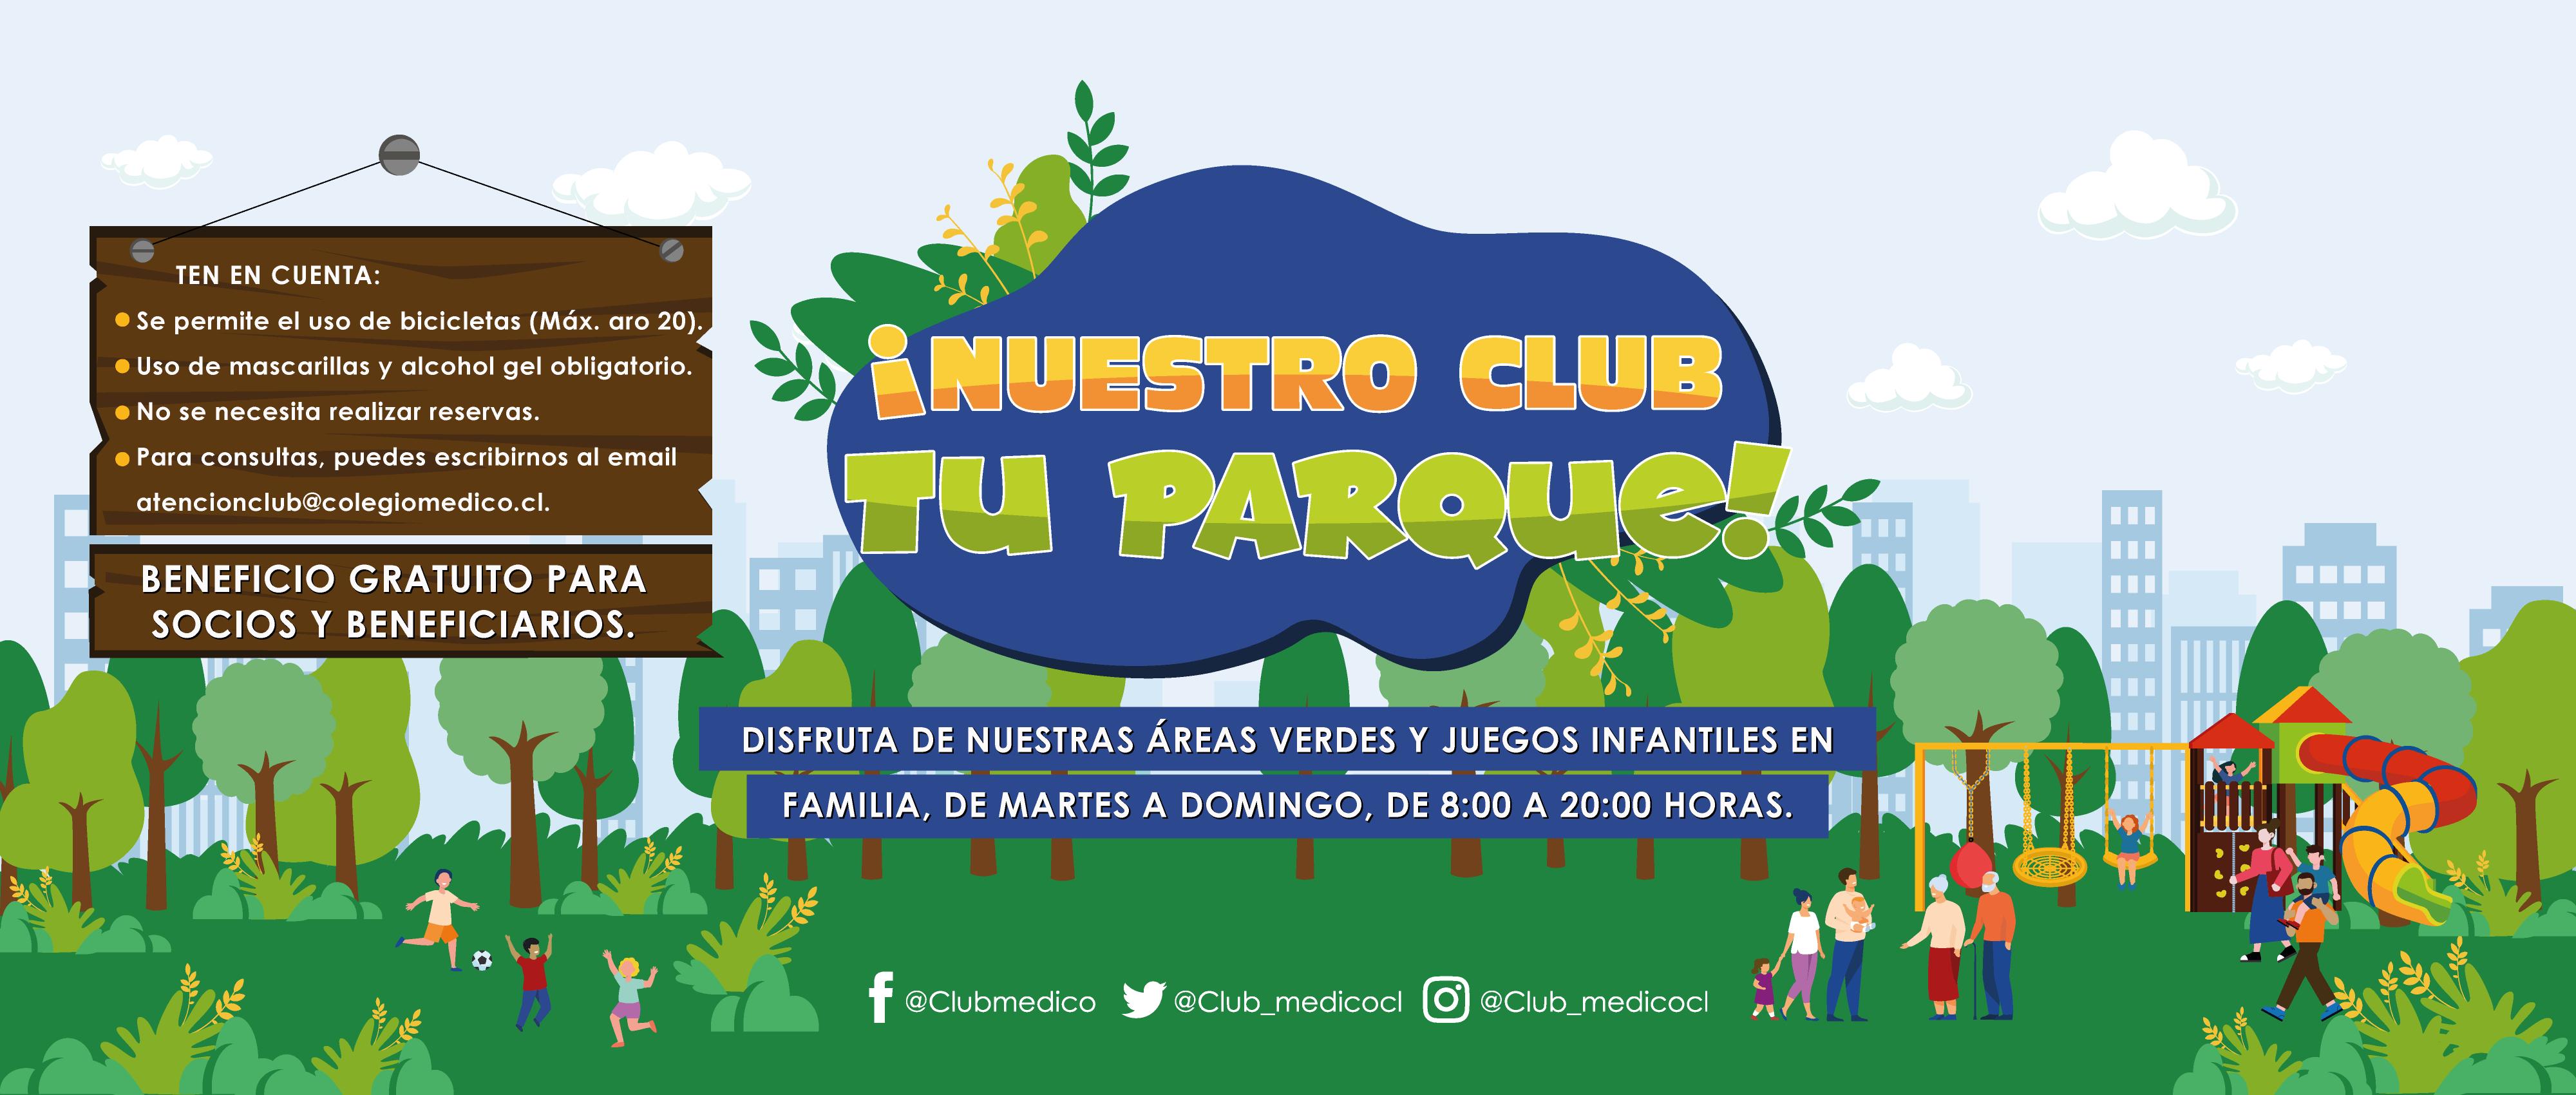 Banner-web-Parque-CubMedico-01